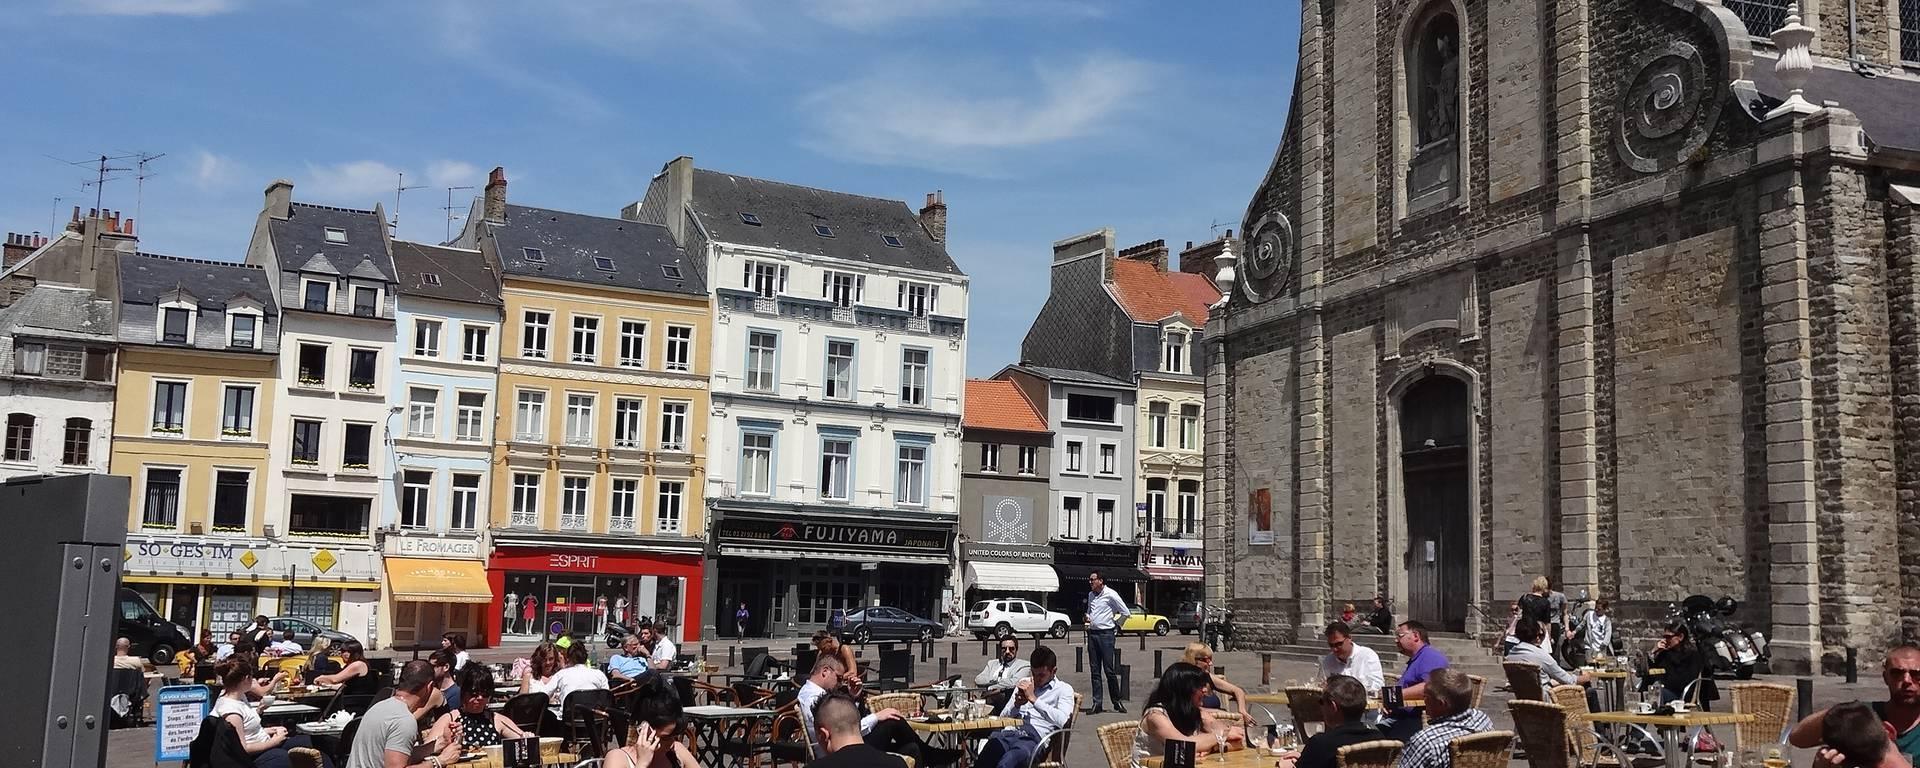 Place Dalton Boulogne-sur-Mer